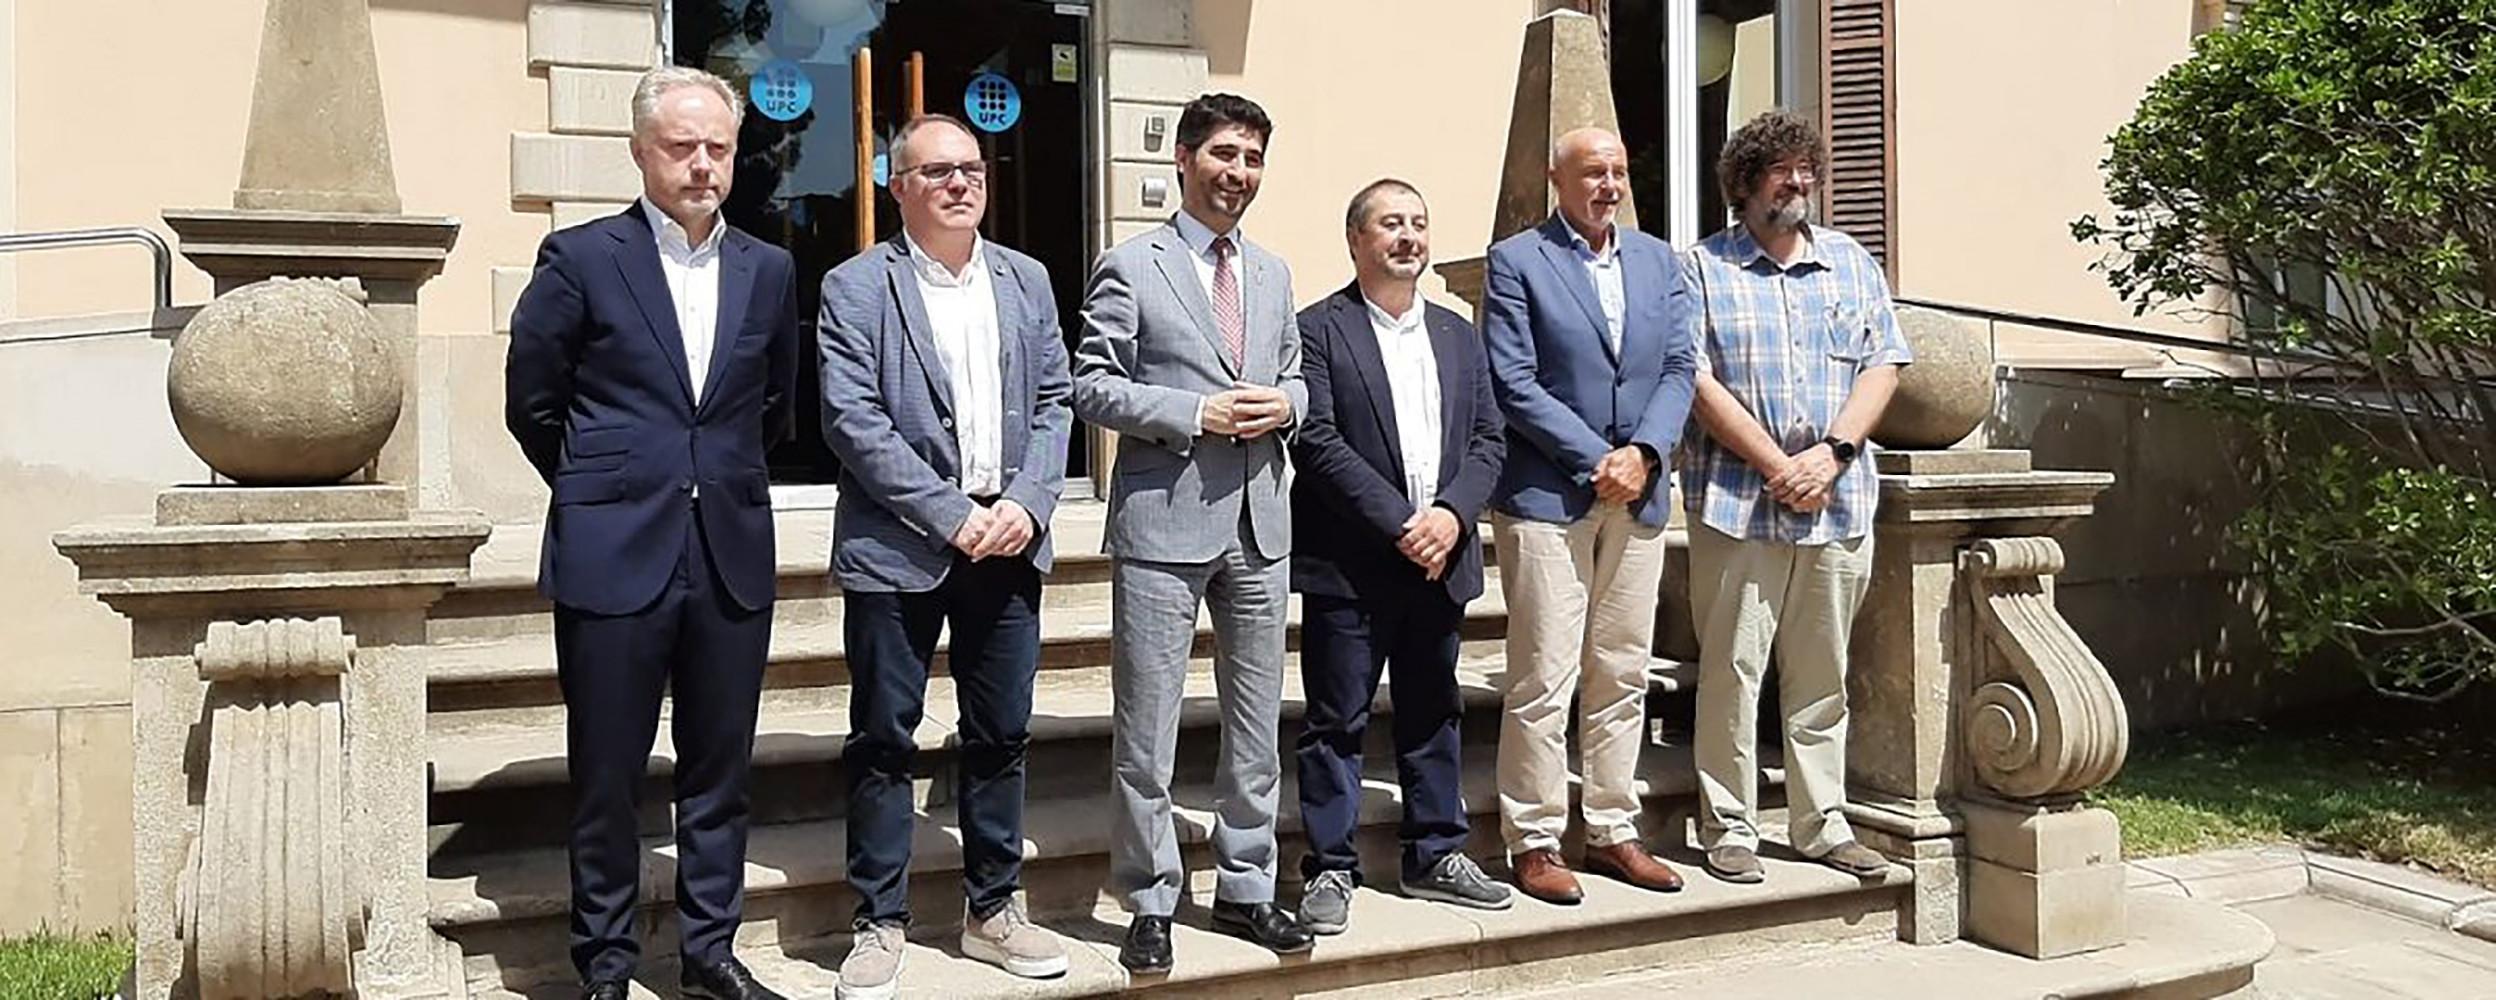 Presentación del laboratorio abierto en Cataluña, experiencia pionera con 5G en Europa